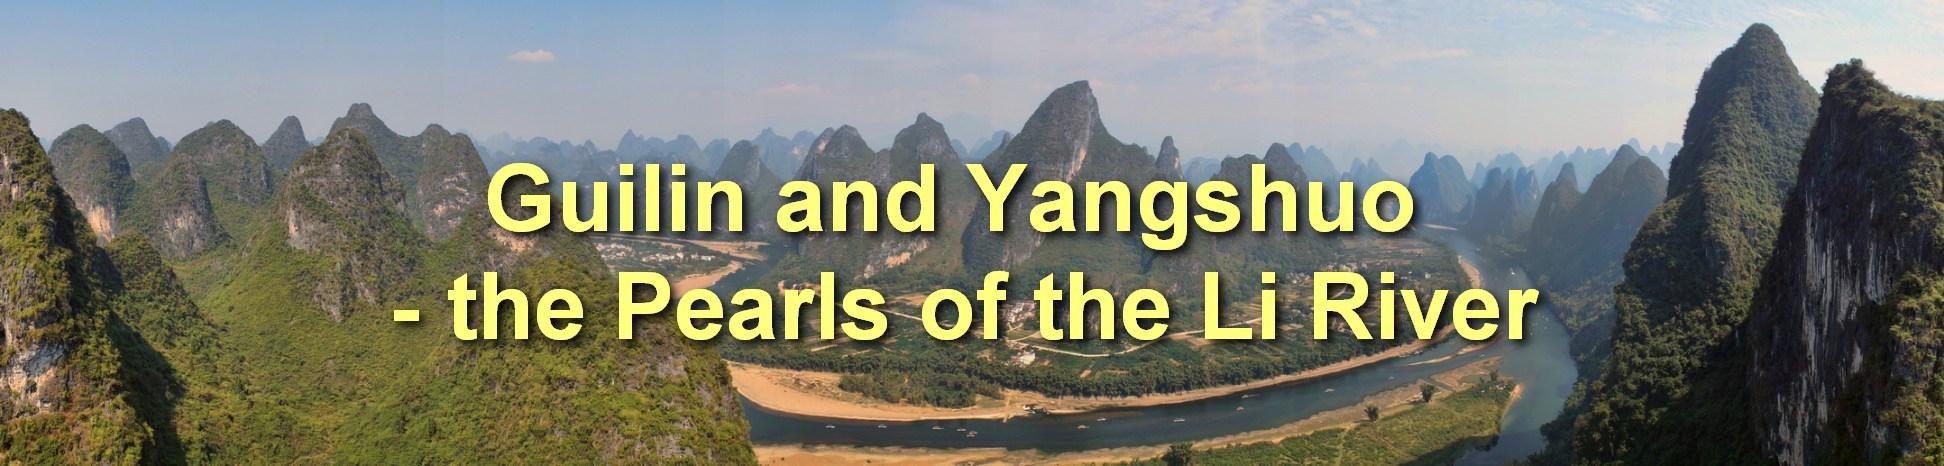 Guilin, Yangshuo, Guangxi, Panorama, Wikipedia Image